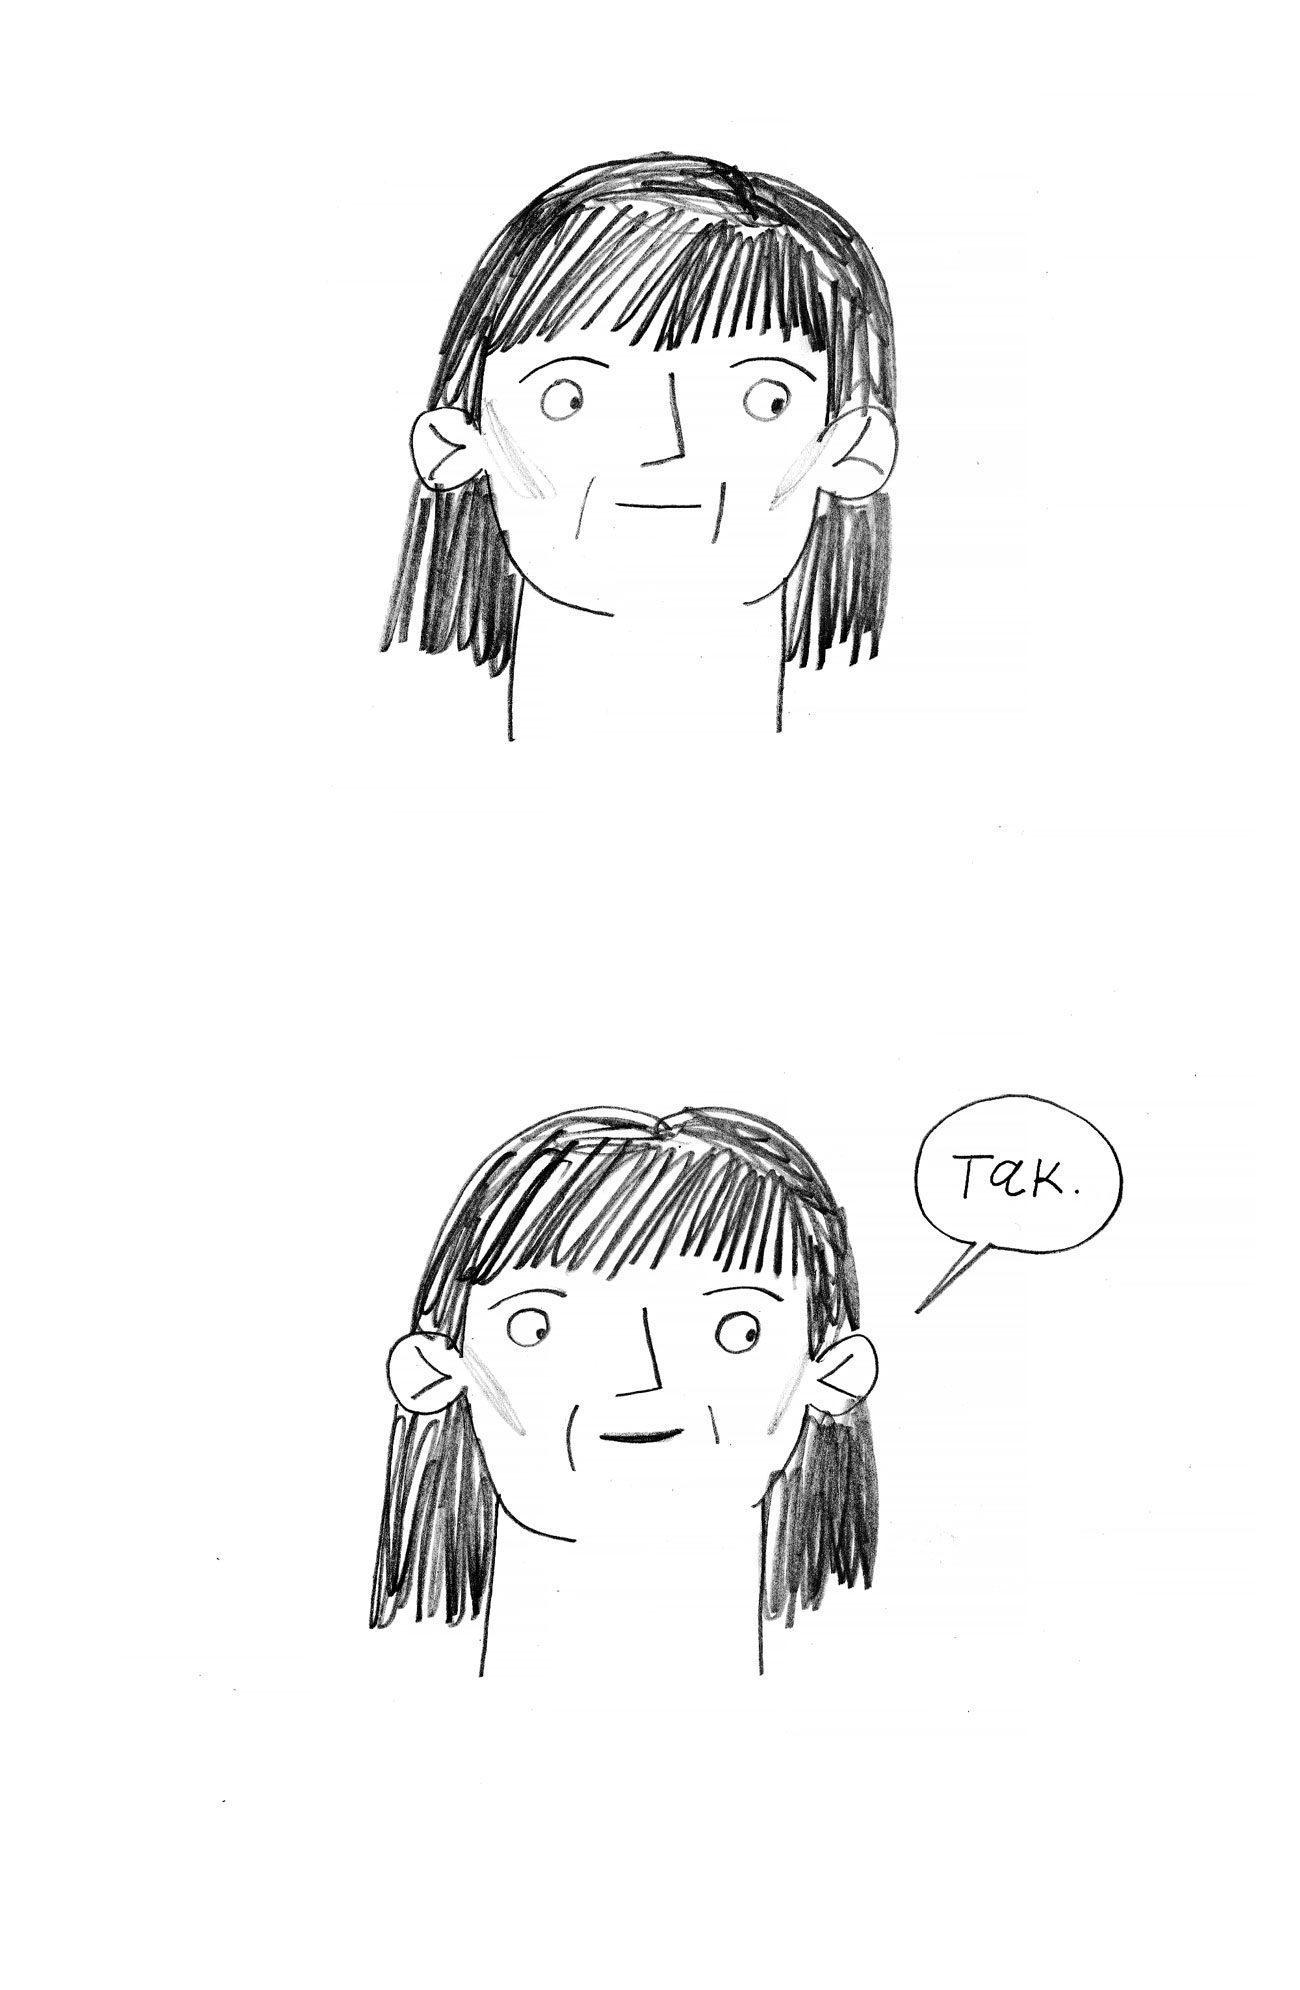 comics oliynik 31 - <b>Вам дісталася сумна дитина.</b> Комікс Жені Олійник про те, як депресія впливає на стосунки - Заборона